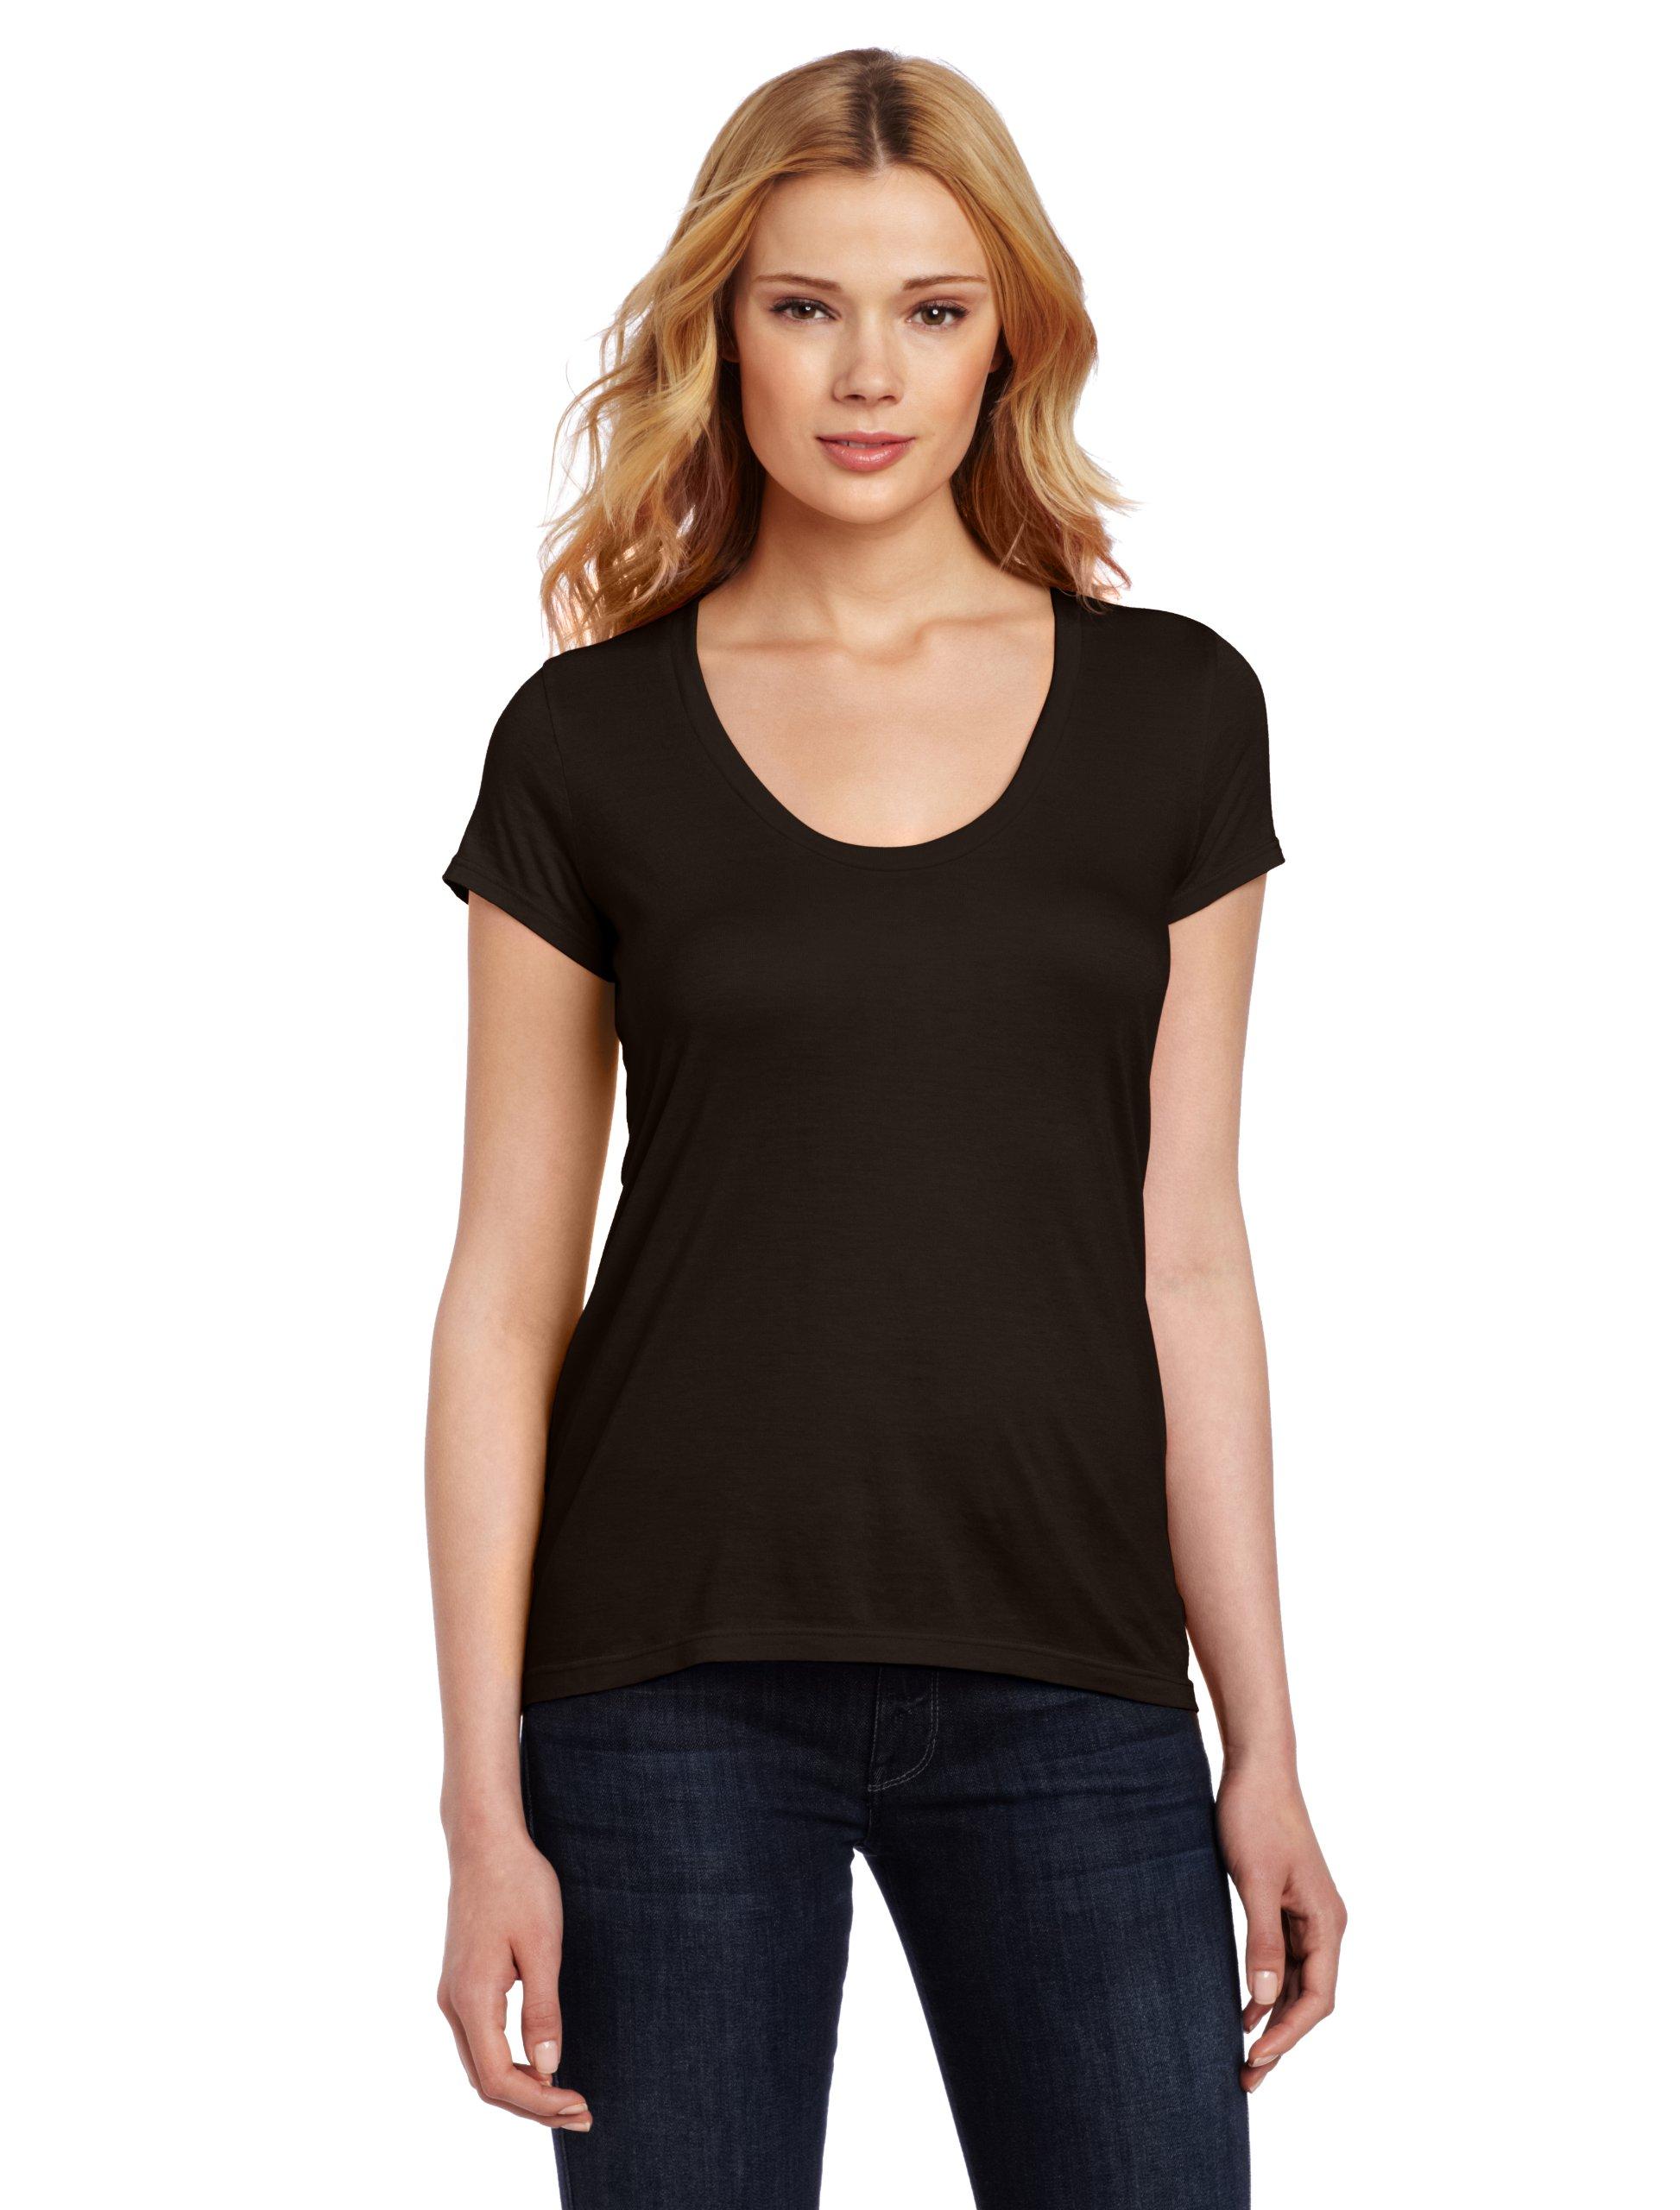 Splendid Women's Very Light Jersey Short-Sleeve T-Shirt